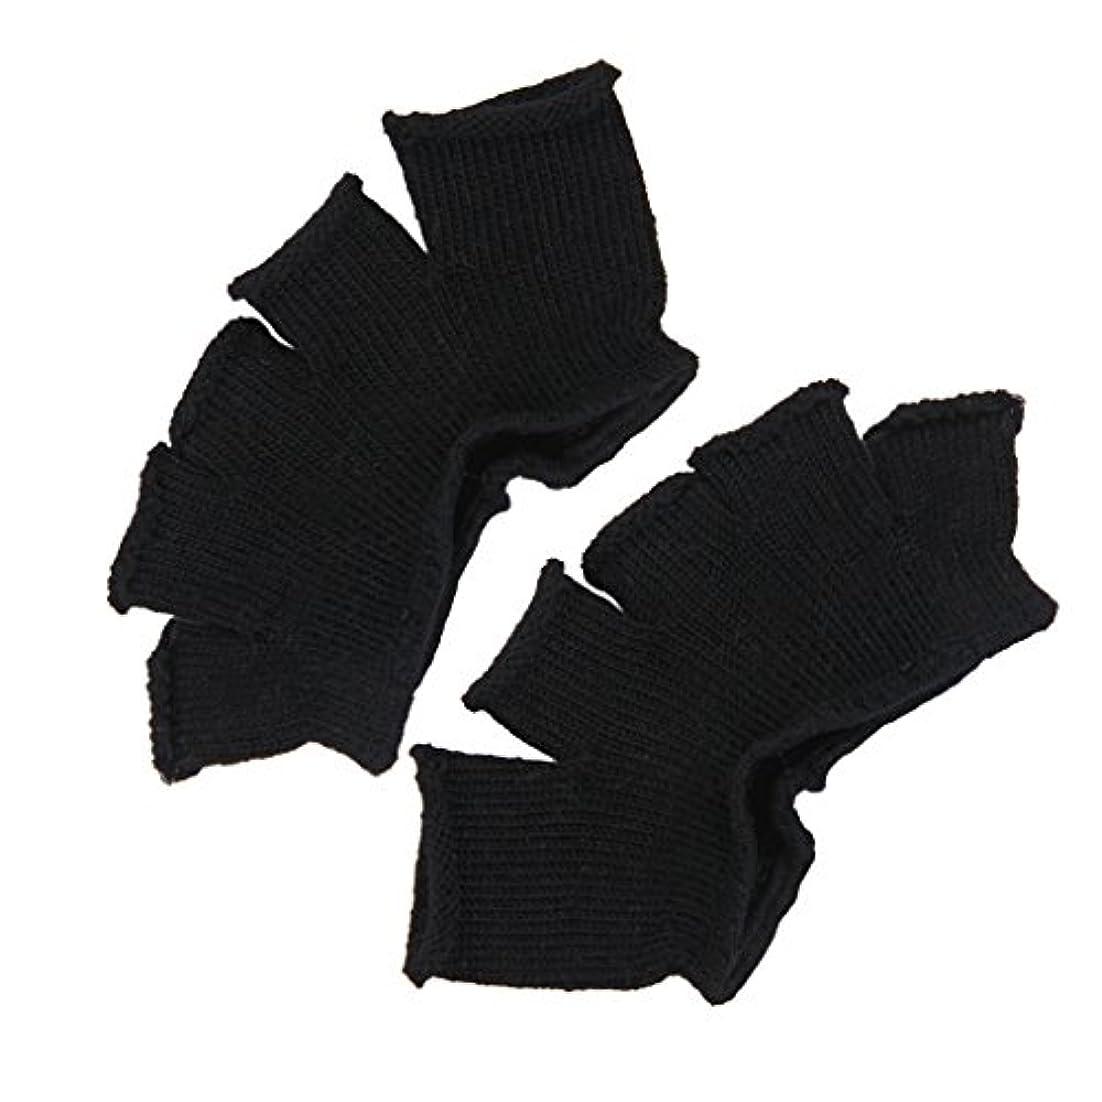 用語集壮大ワイプFootful 5本指カバー 爽快指の間カバー 2枚組 男女兼用 足の臭い対策 抗菌 防臭 フットカバー (ブラック)